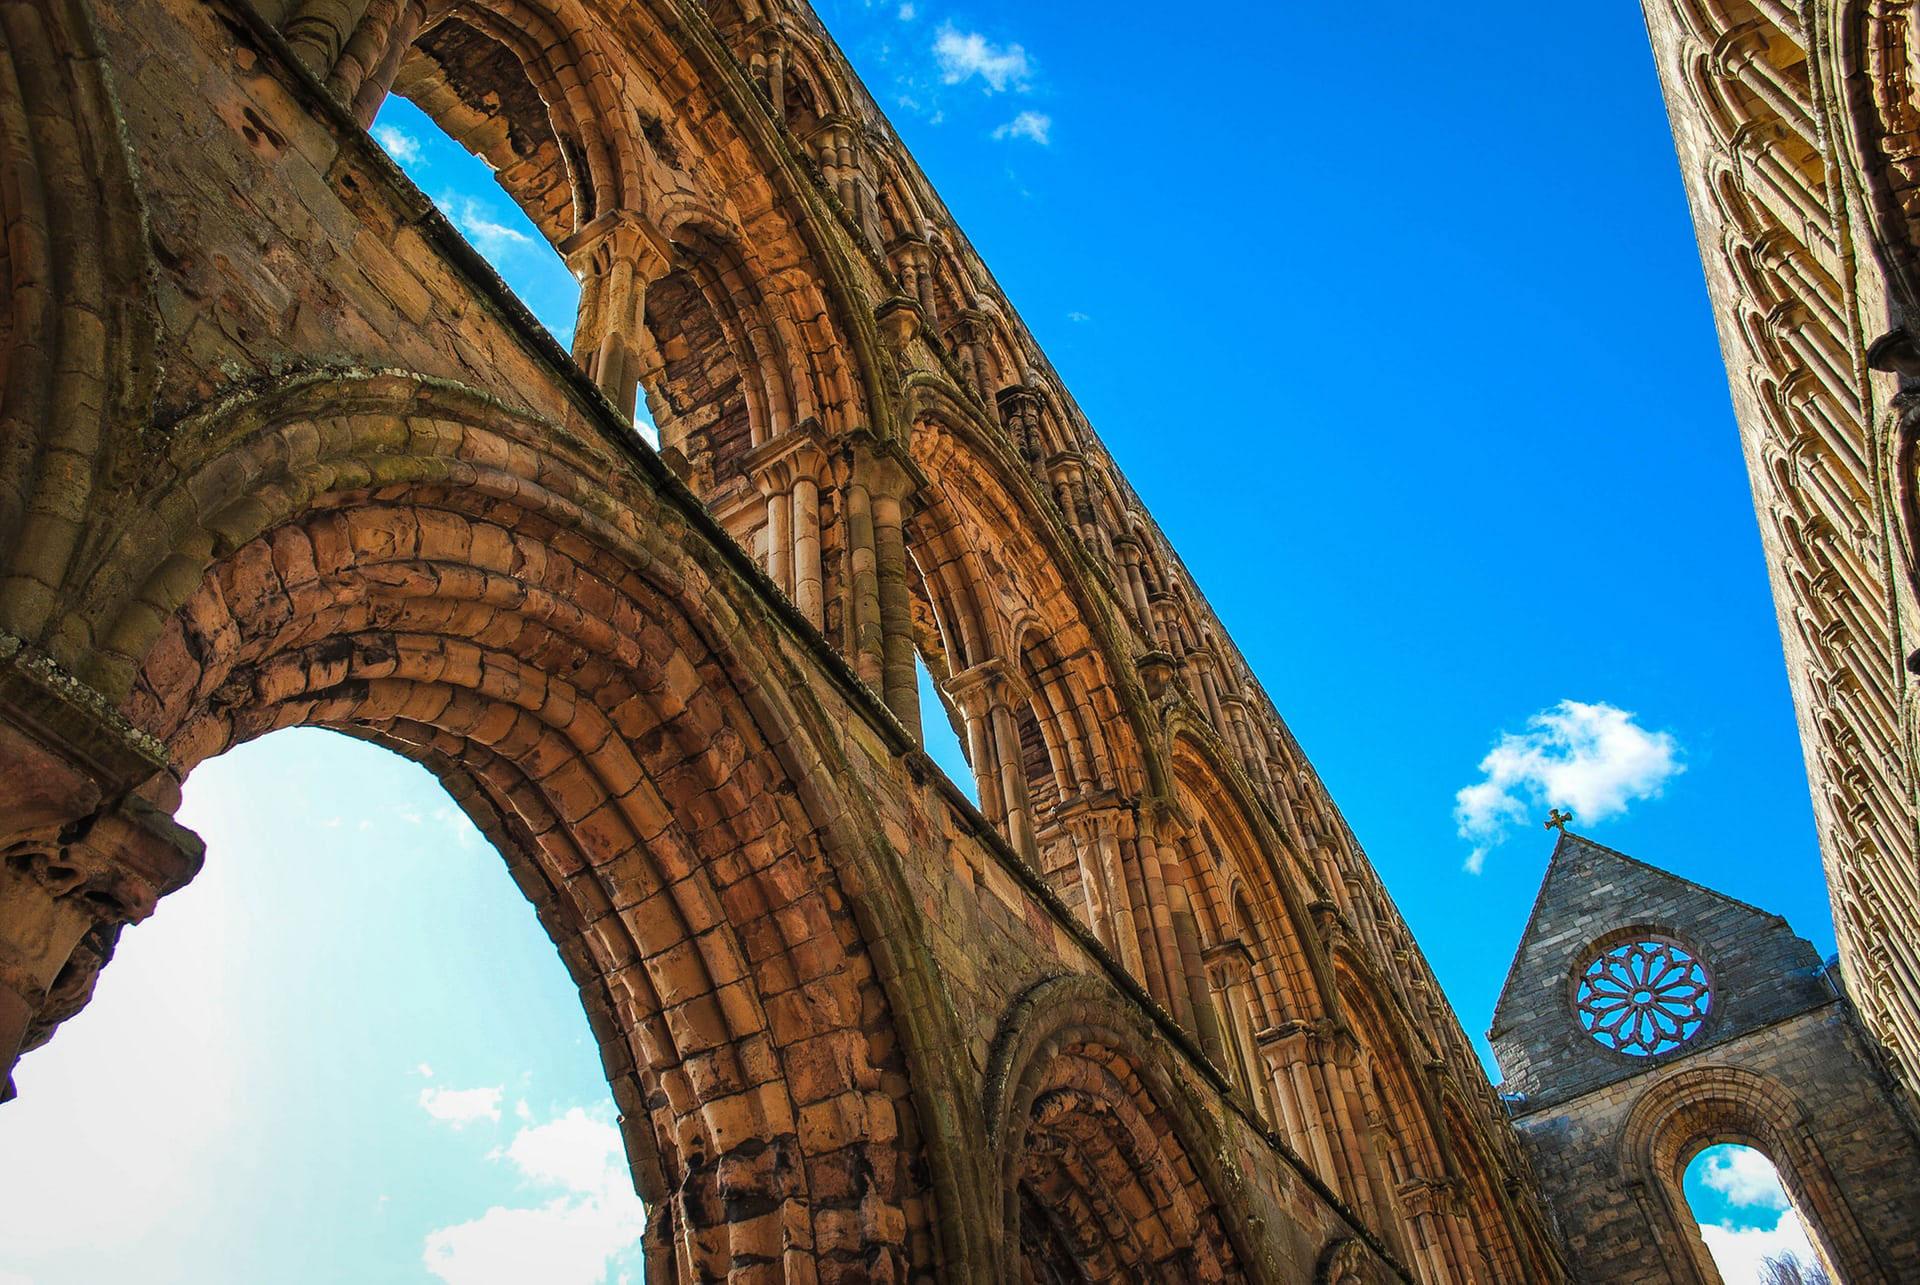 Abadía Jedburgh por Jenna Johnston, la favorita del público